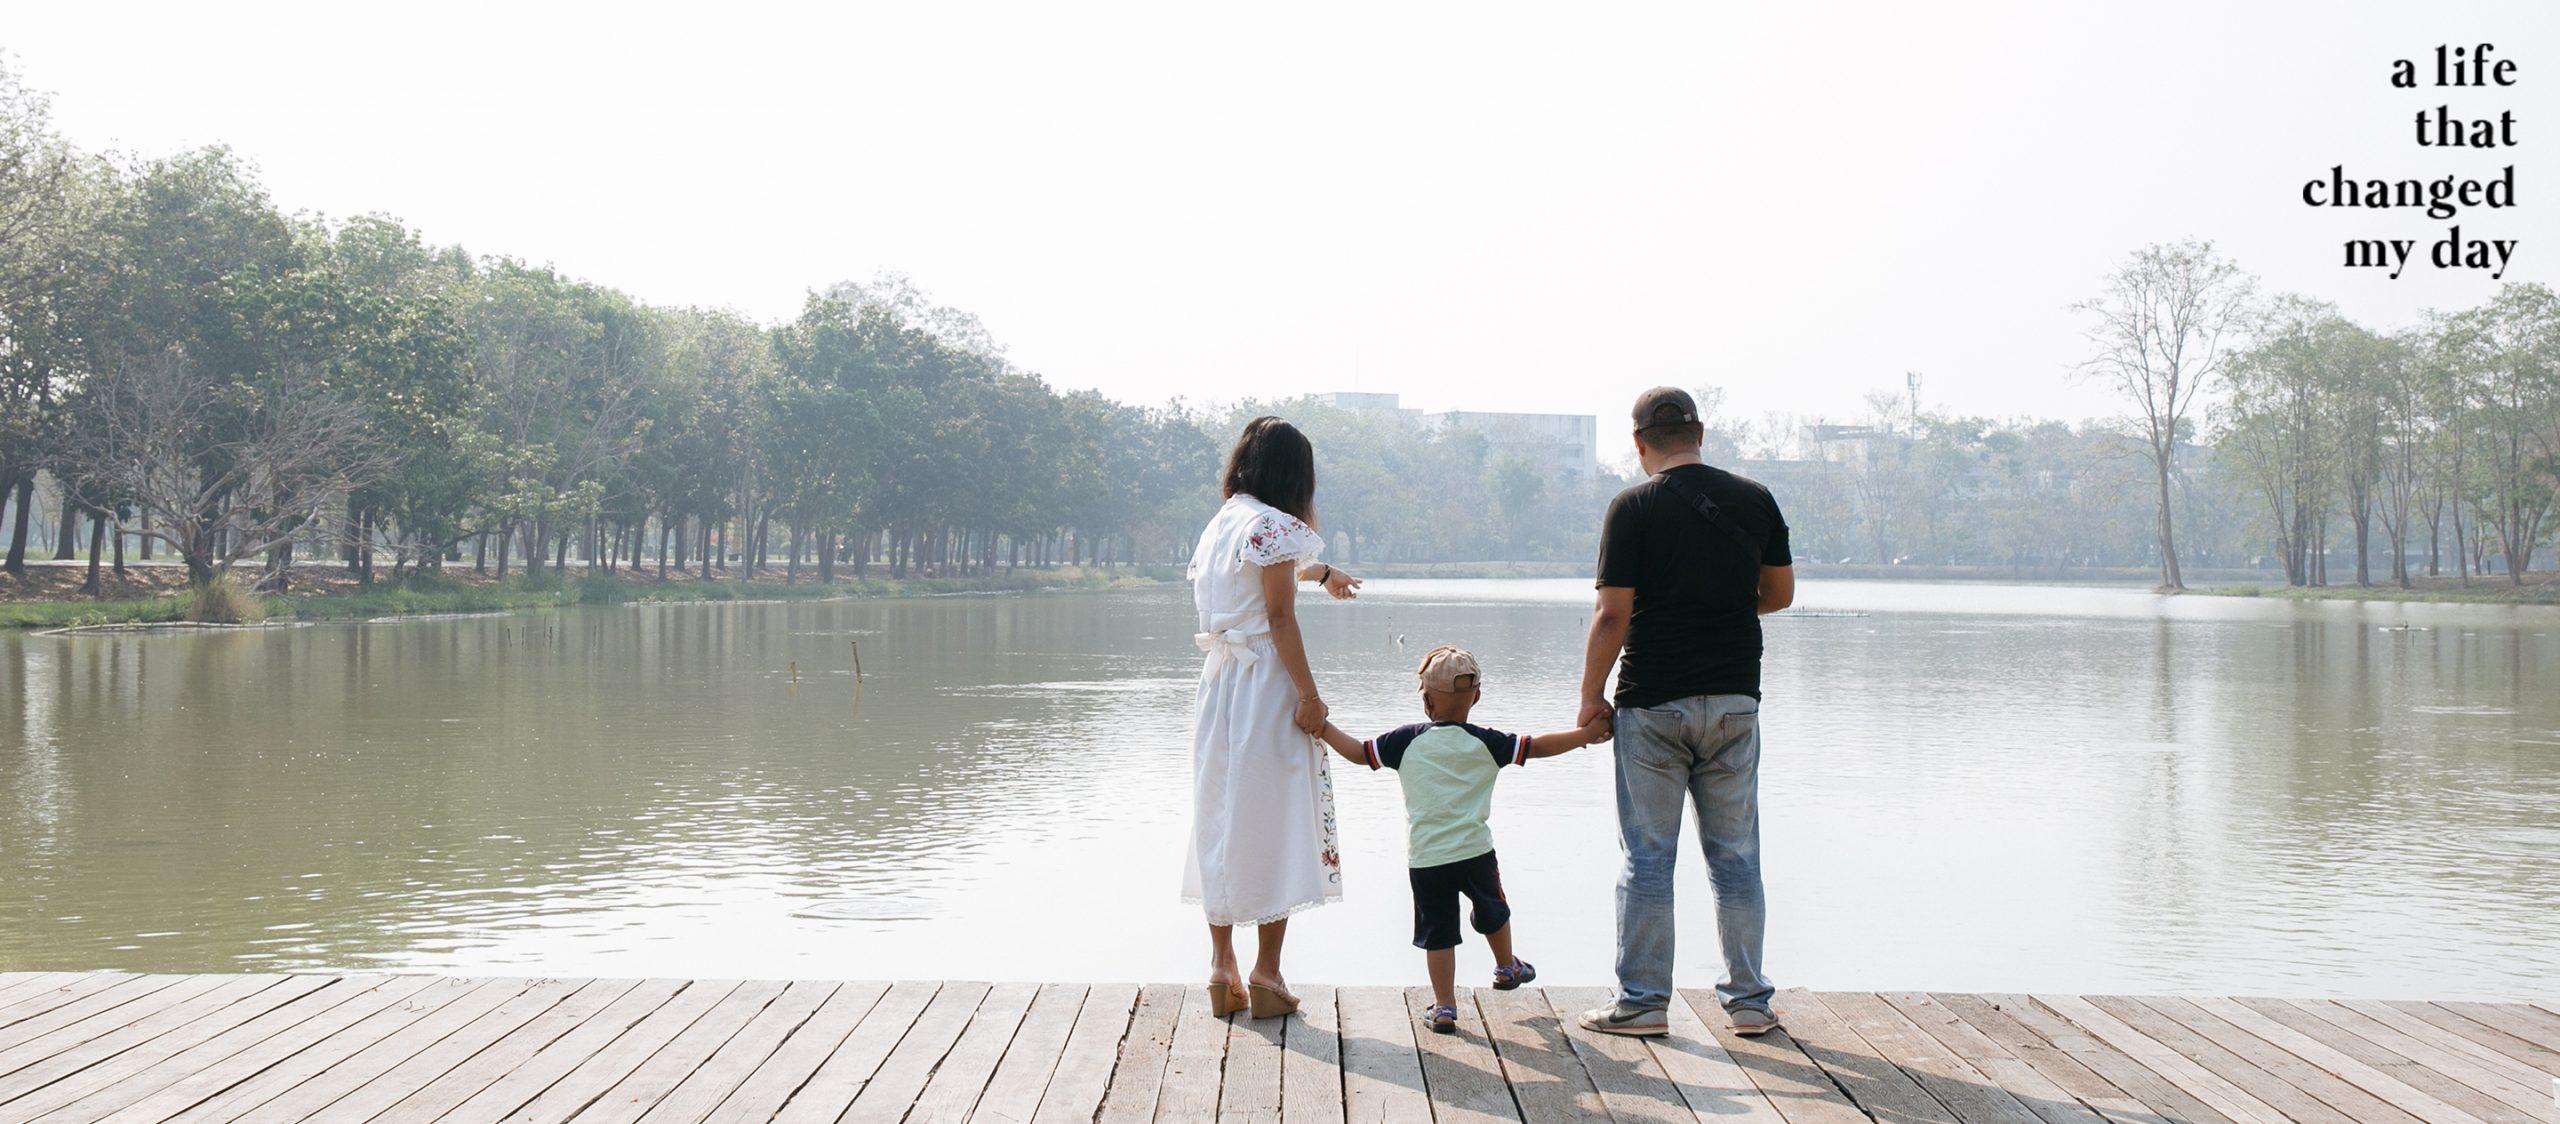 ภรรยาของสามีความจำเสื่อม แม่ของลูกที่เป็นโรคร้าย และหญิงสาวที่เชื่อว่าความรักคือการให้